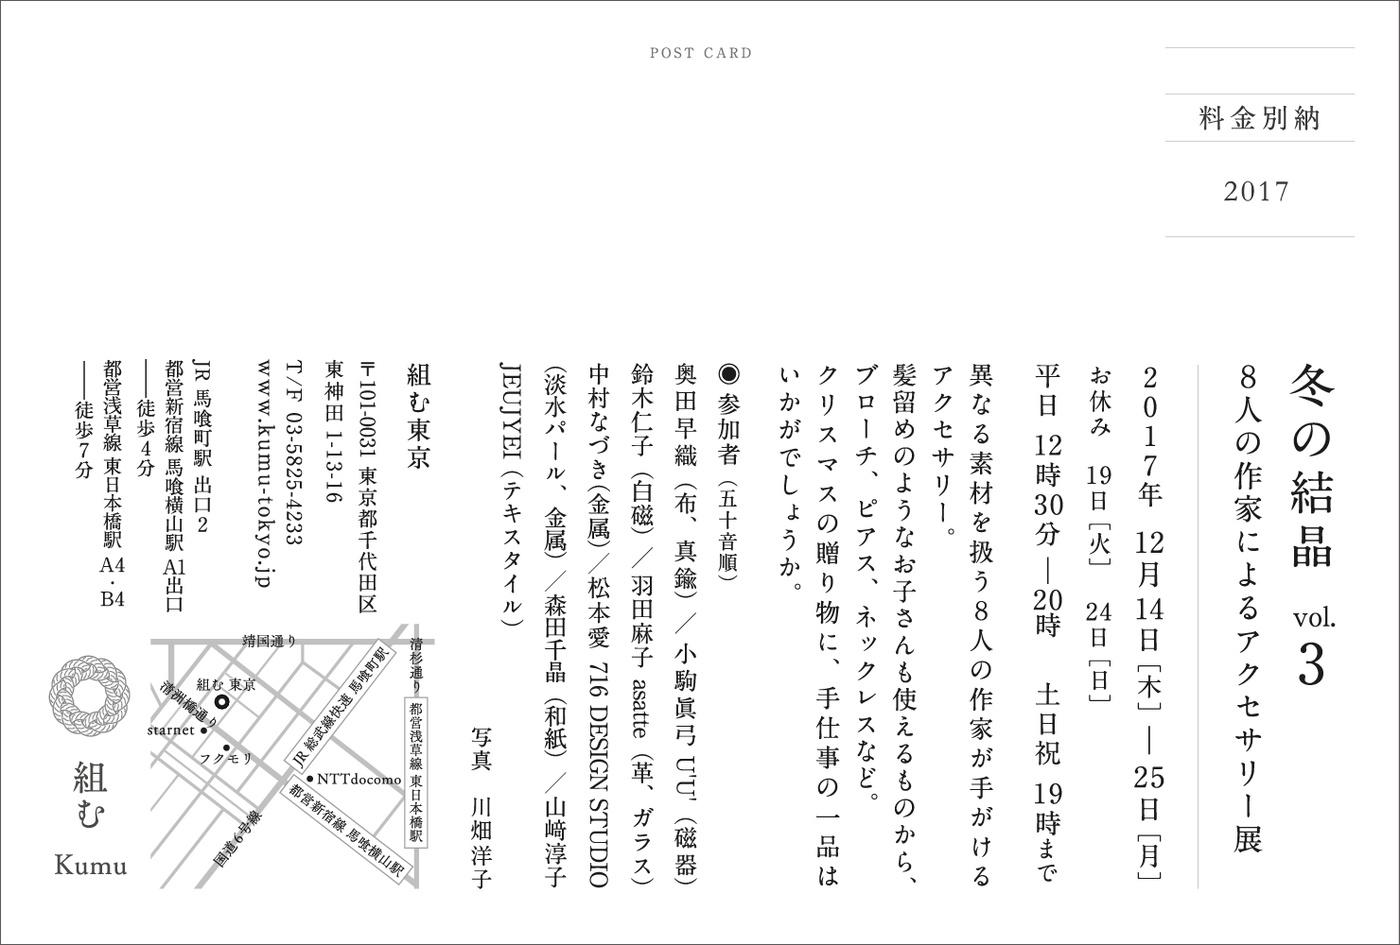 http://www.kumu-tokyo.jp/event/files/171203_huyu_kesyou_dm_ura.jpg